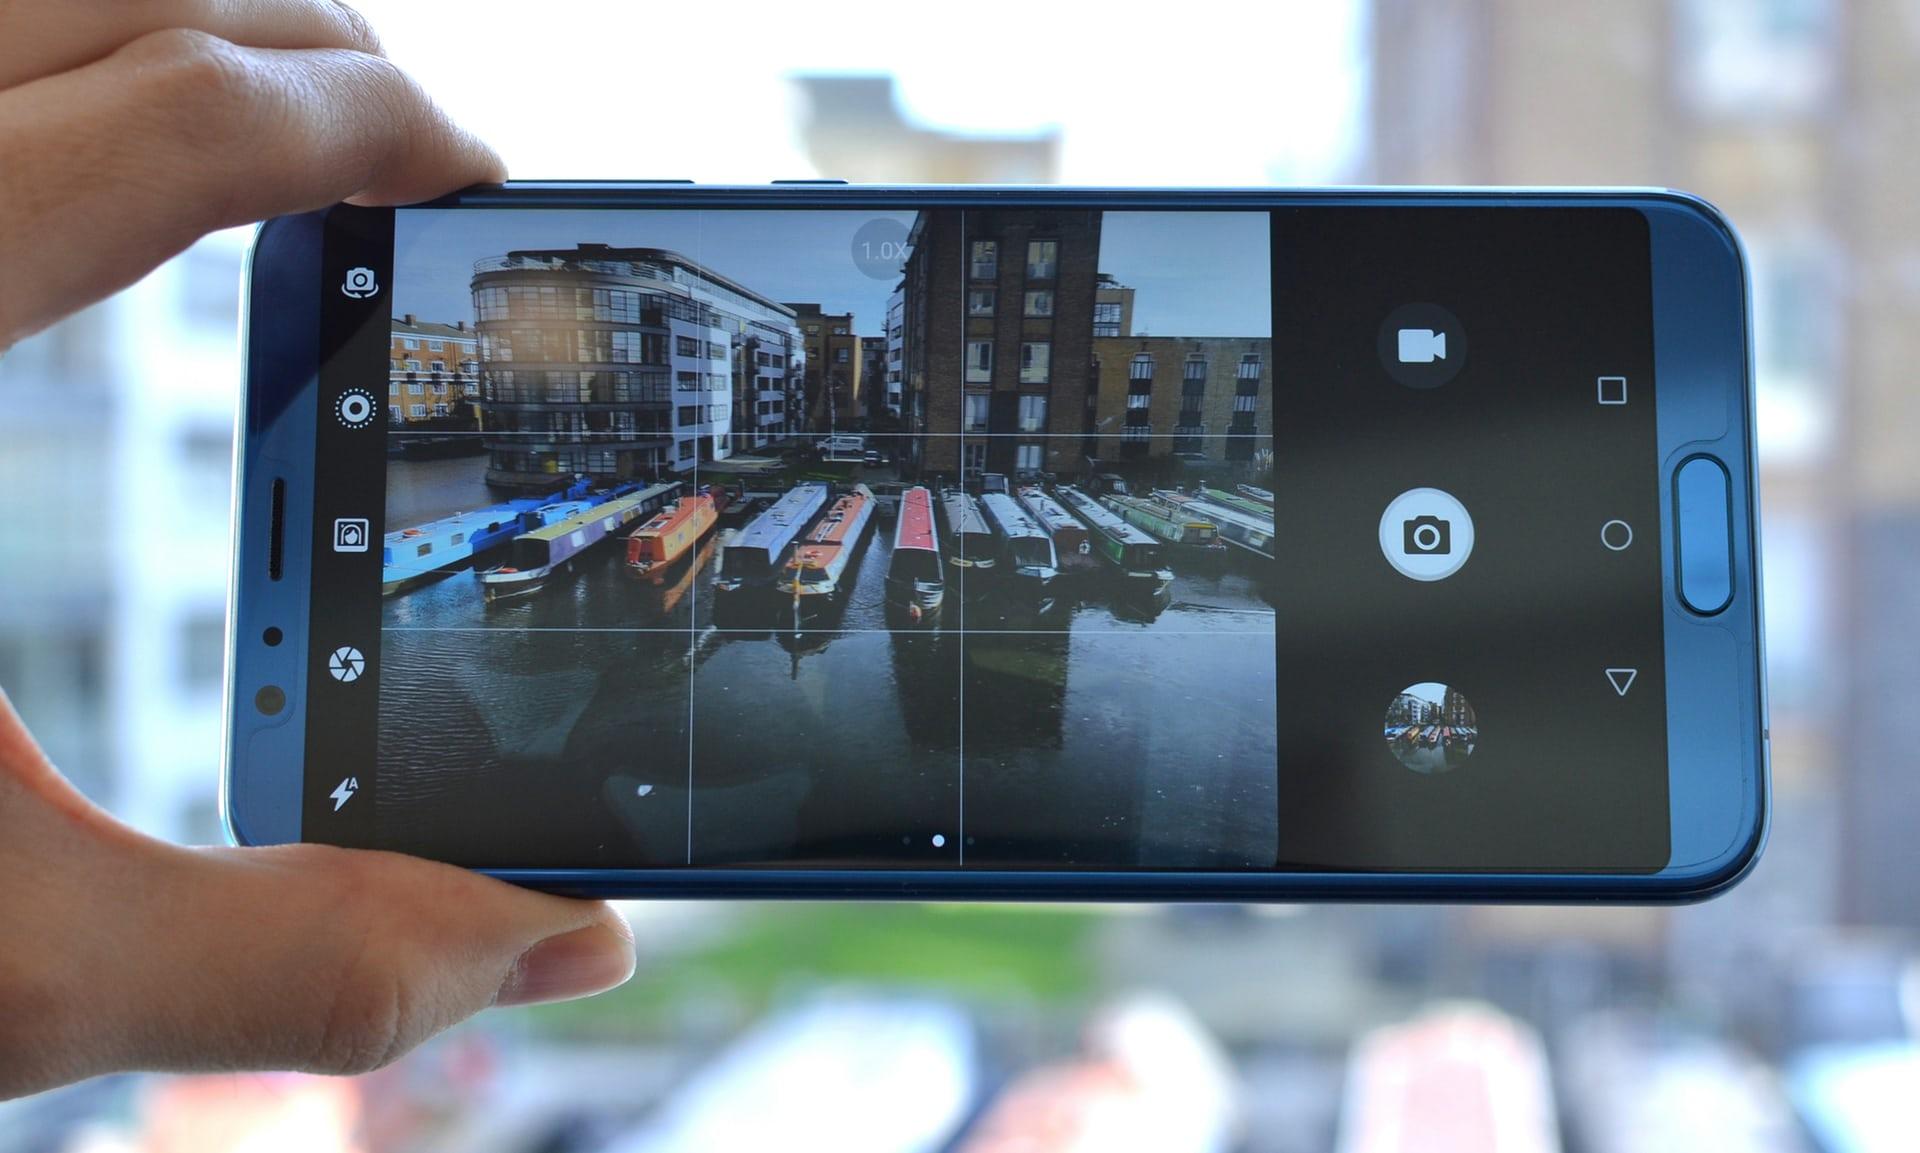 Какой лучше выбрать размер фото на телефоне природу друзьями